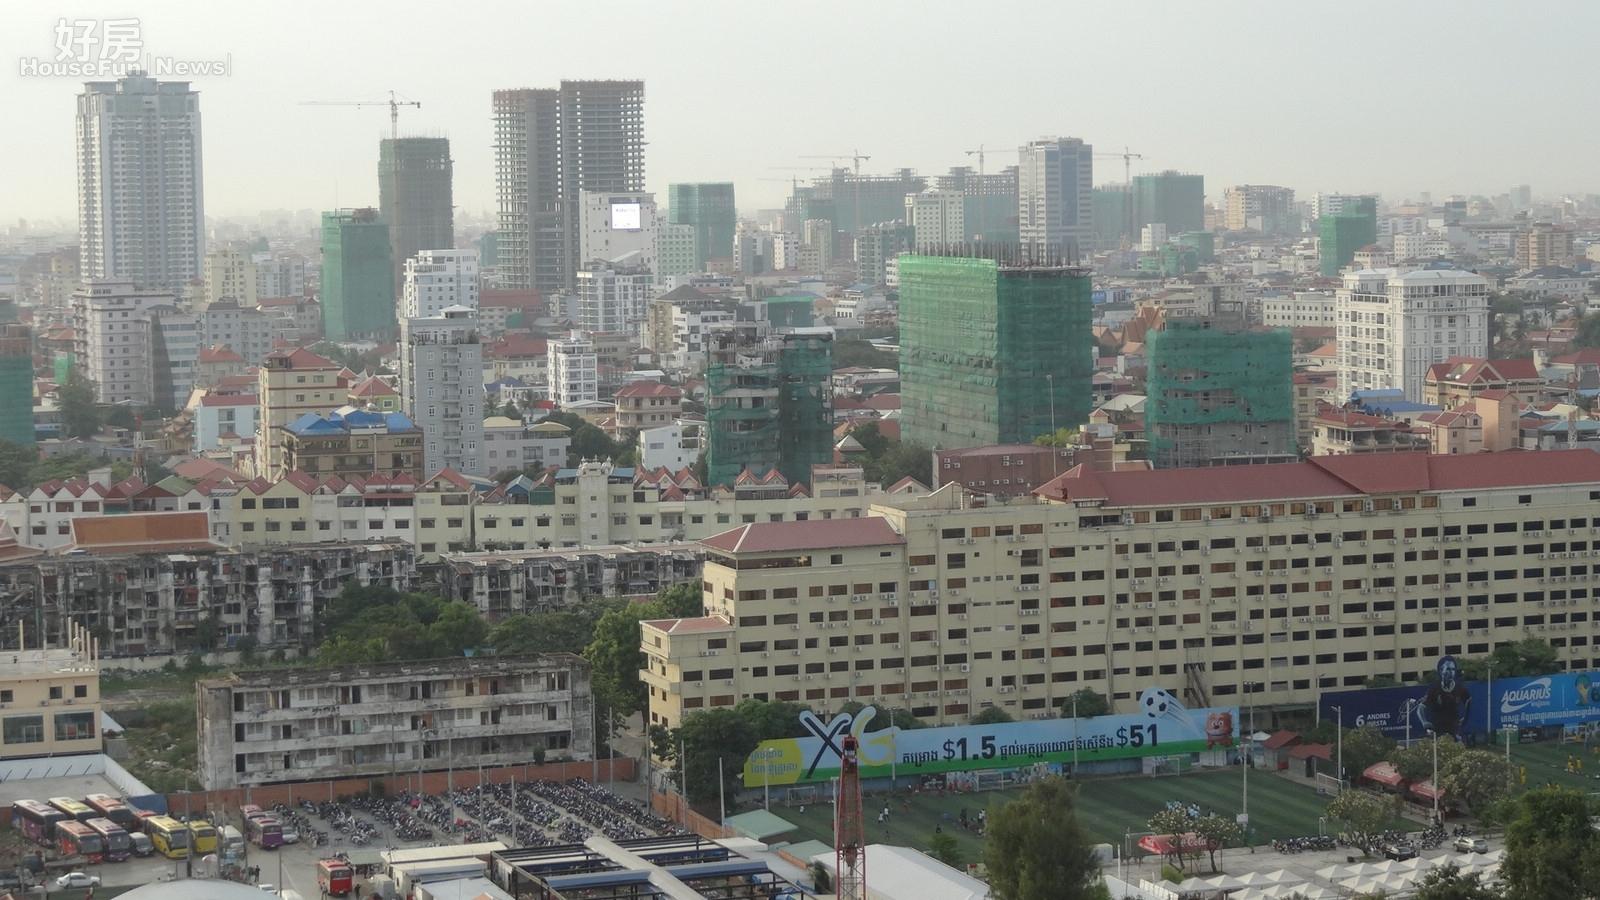 投资柬埔寨的房地产,这些陷阱你都了解嘛?